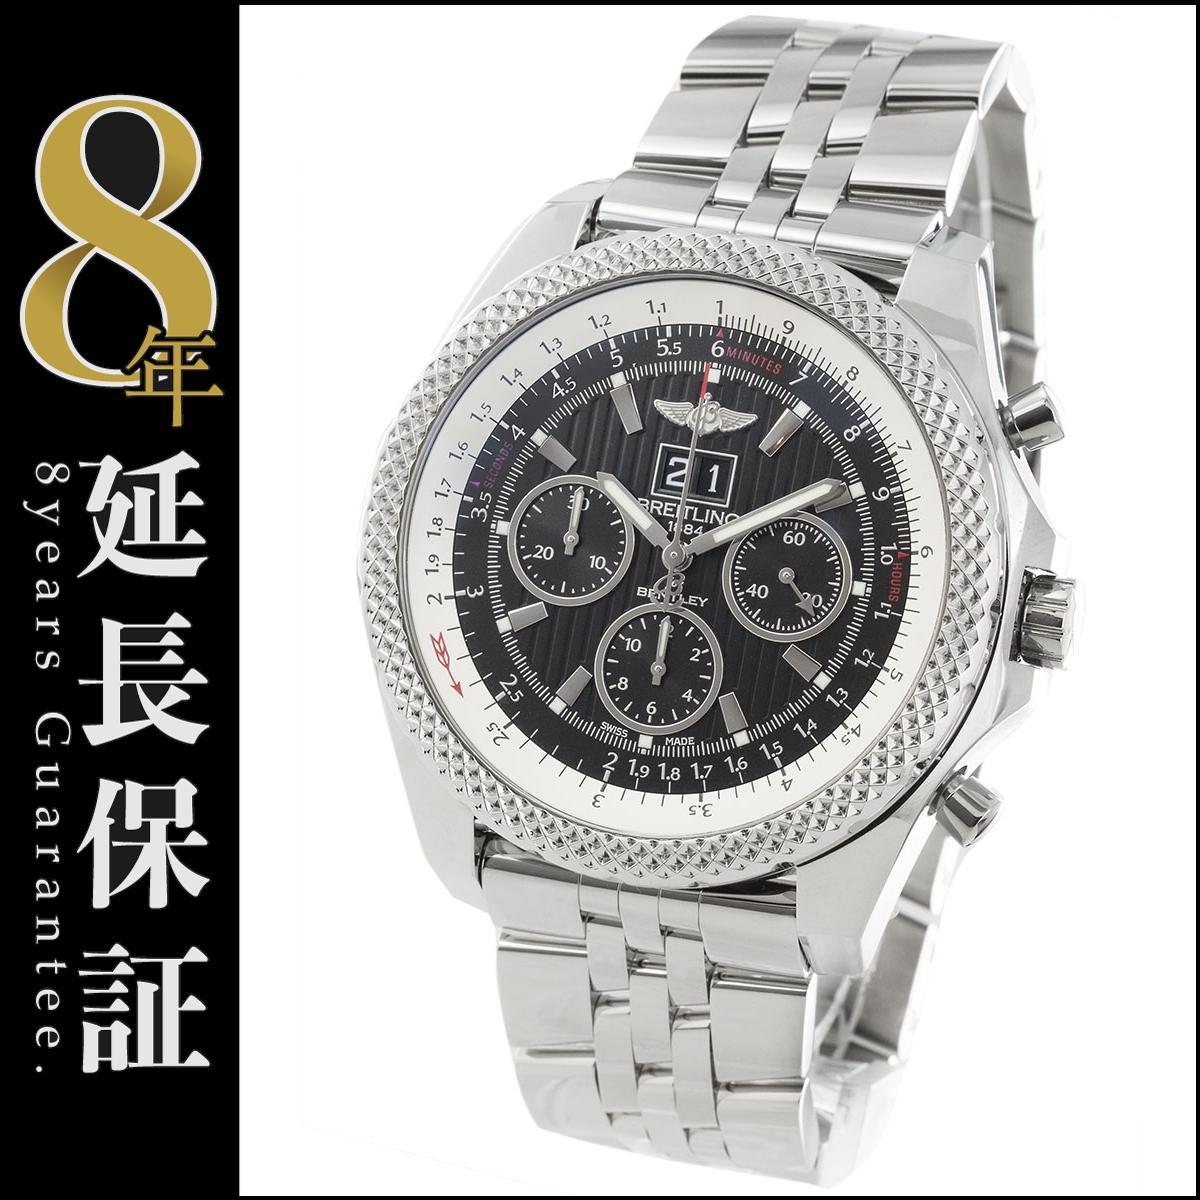 ブライトリング ベントレー 6.75 クロノグラフ 腕時計 メンズ BREITLING A4436412/BE17_8